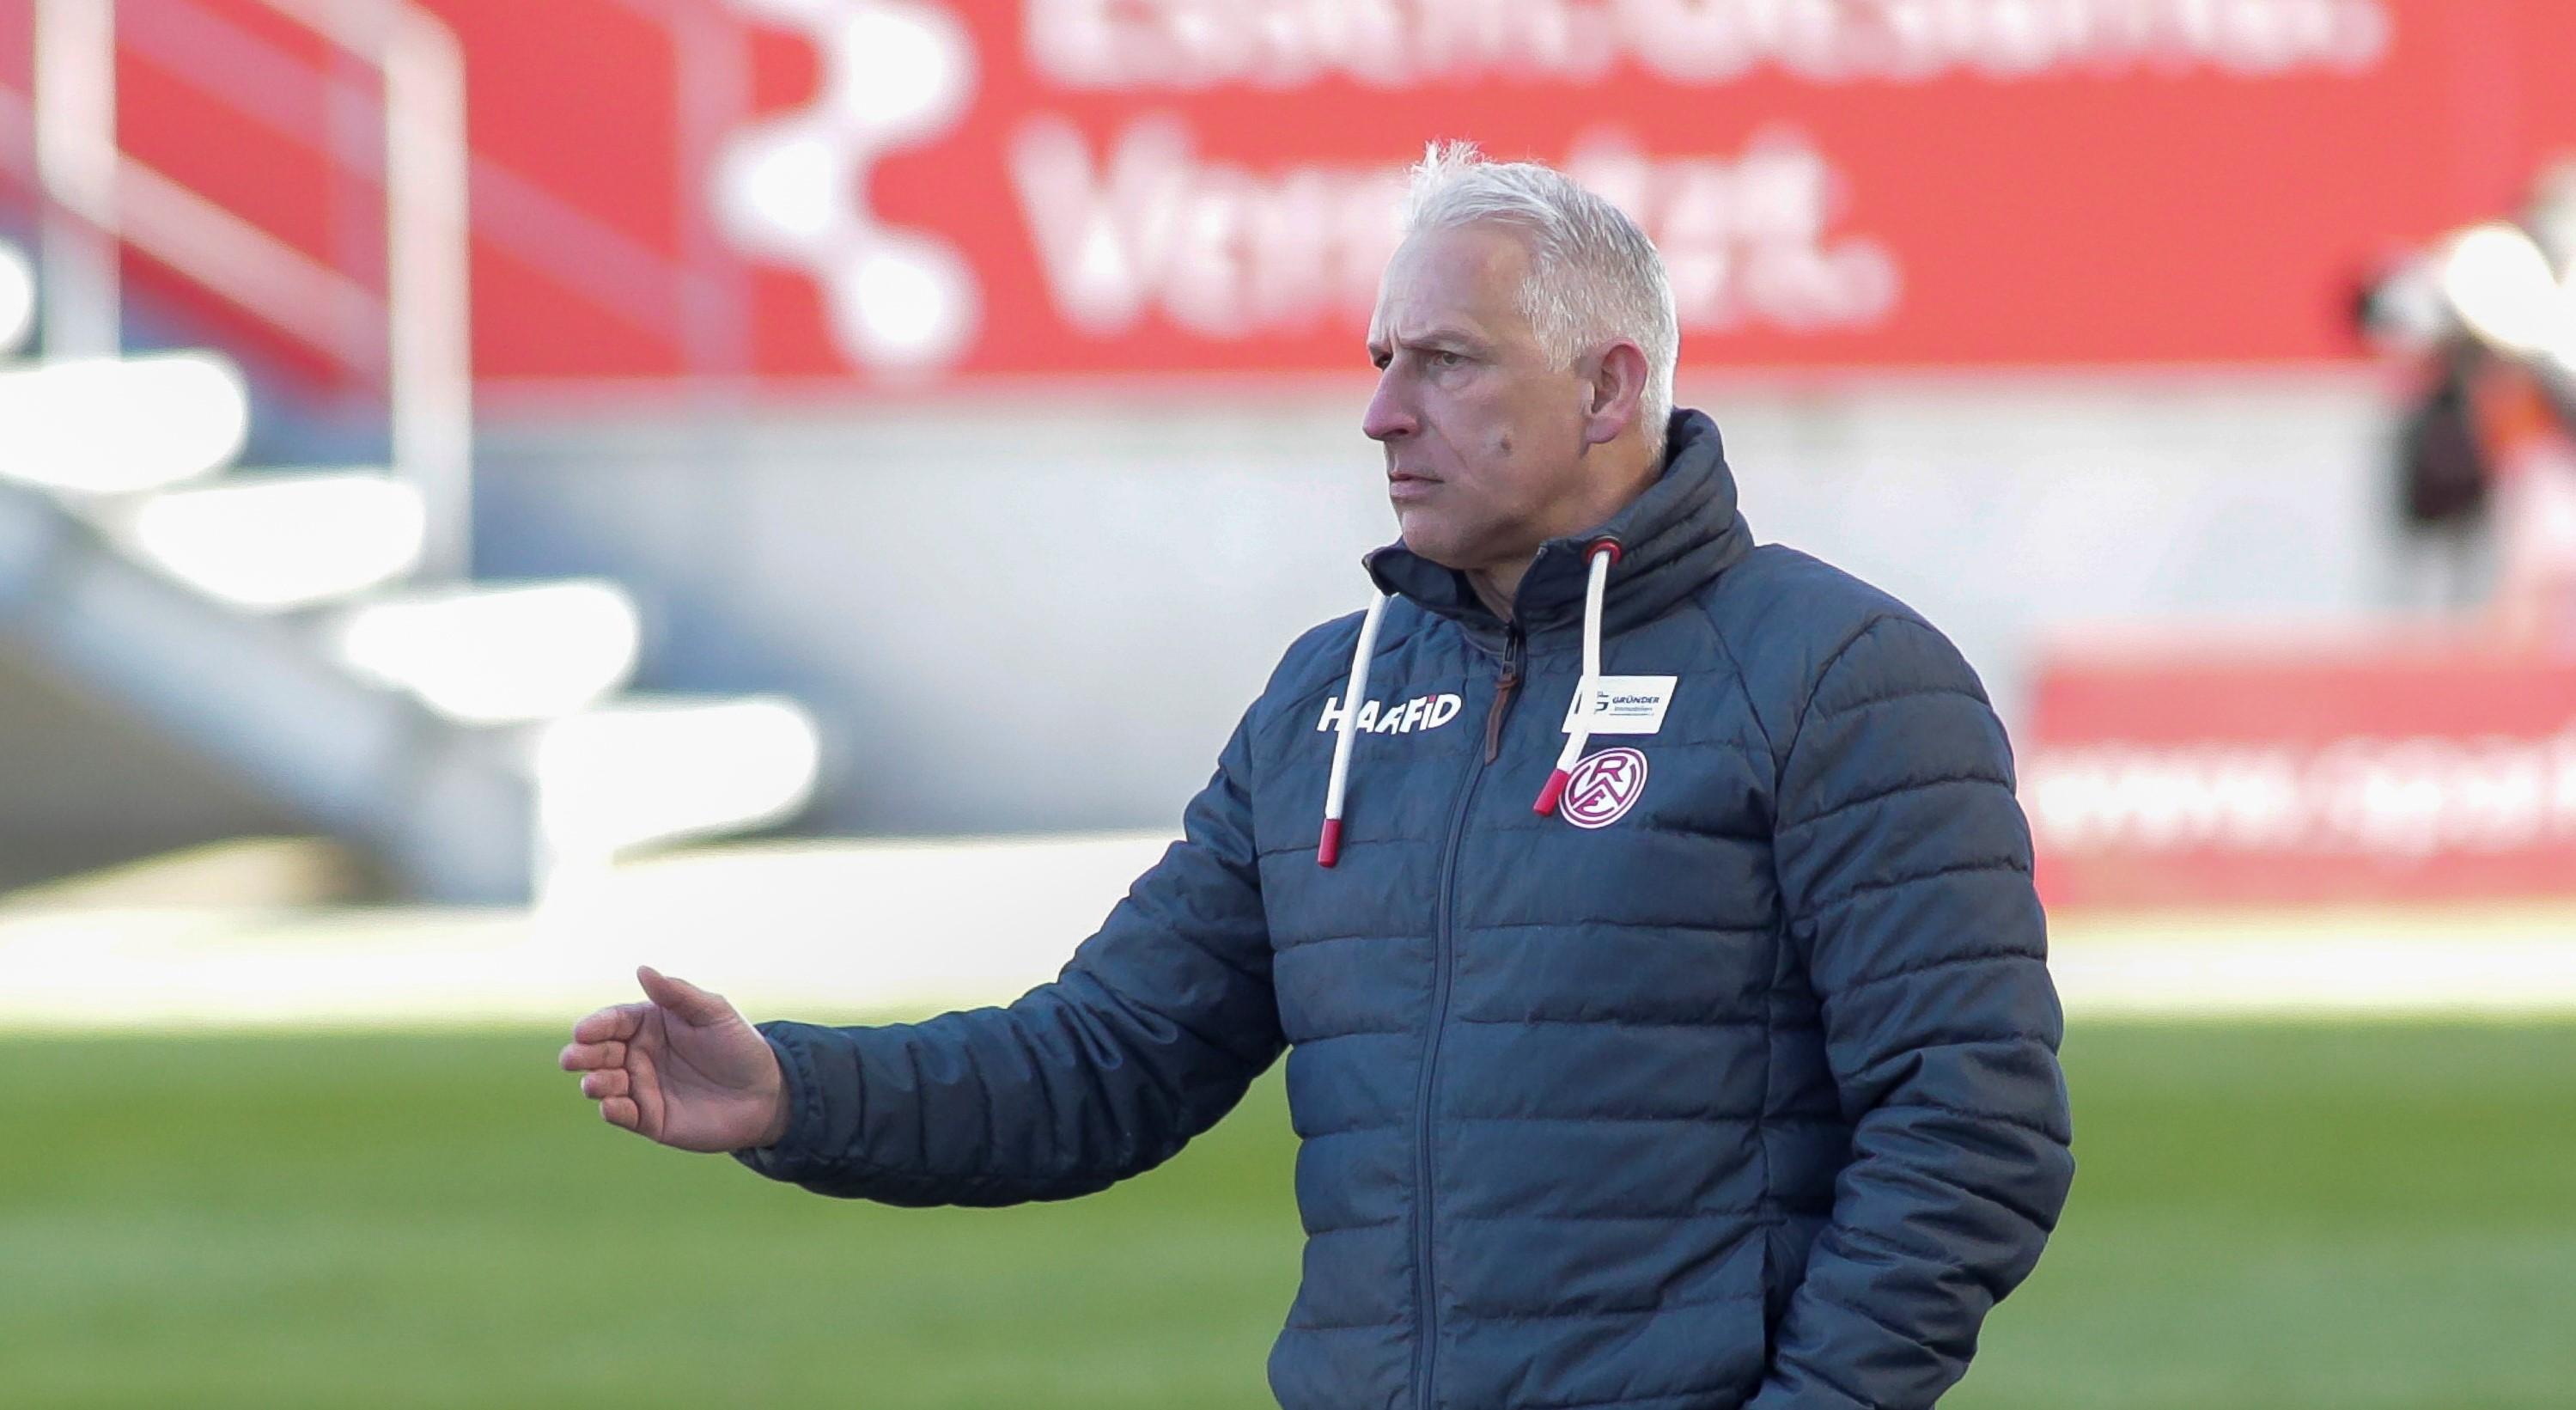 Alles auf Sieg: RWE-Chef-Trainer Christian Neidhart hat mit seiner Mannschaft zwei Heimspiele vor der Brust. (Foto: Endberg)